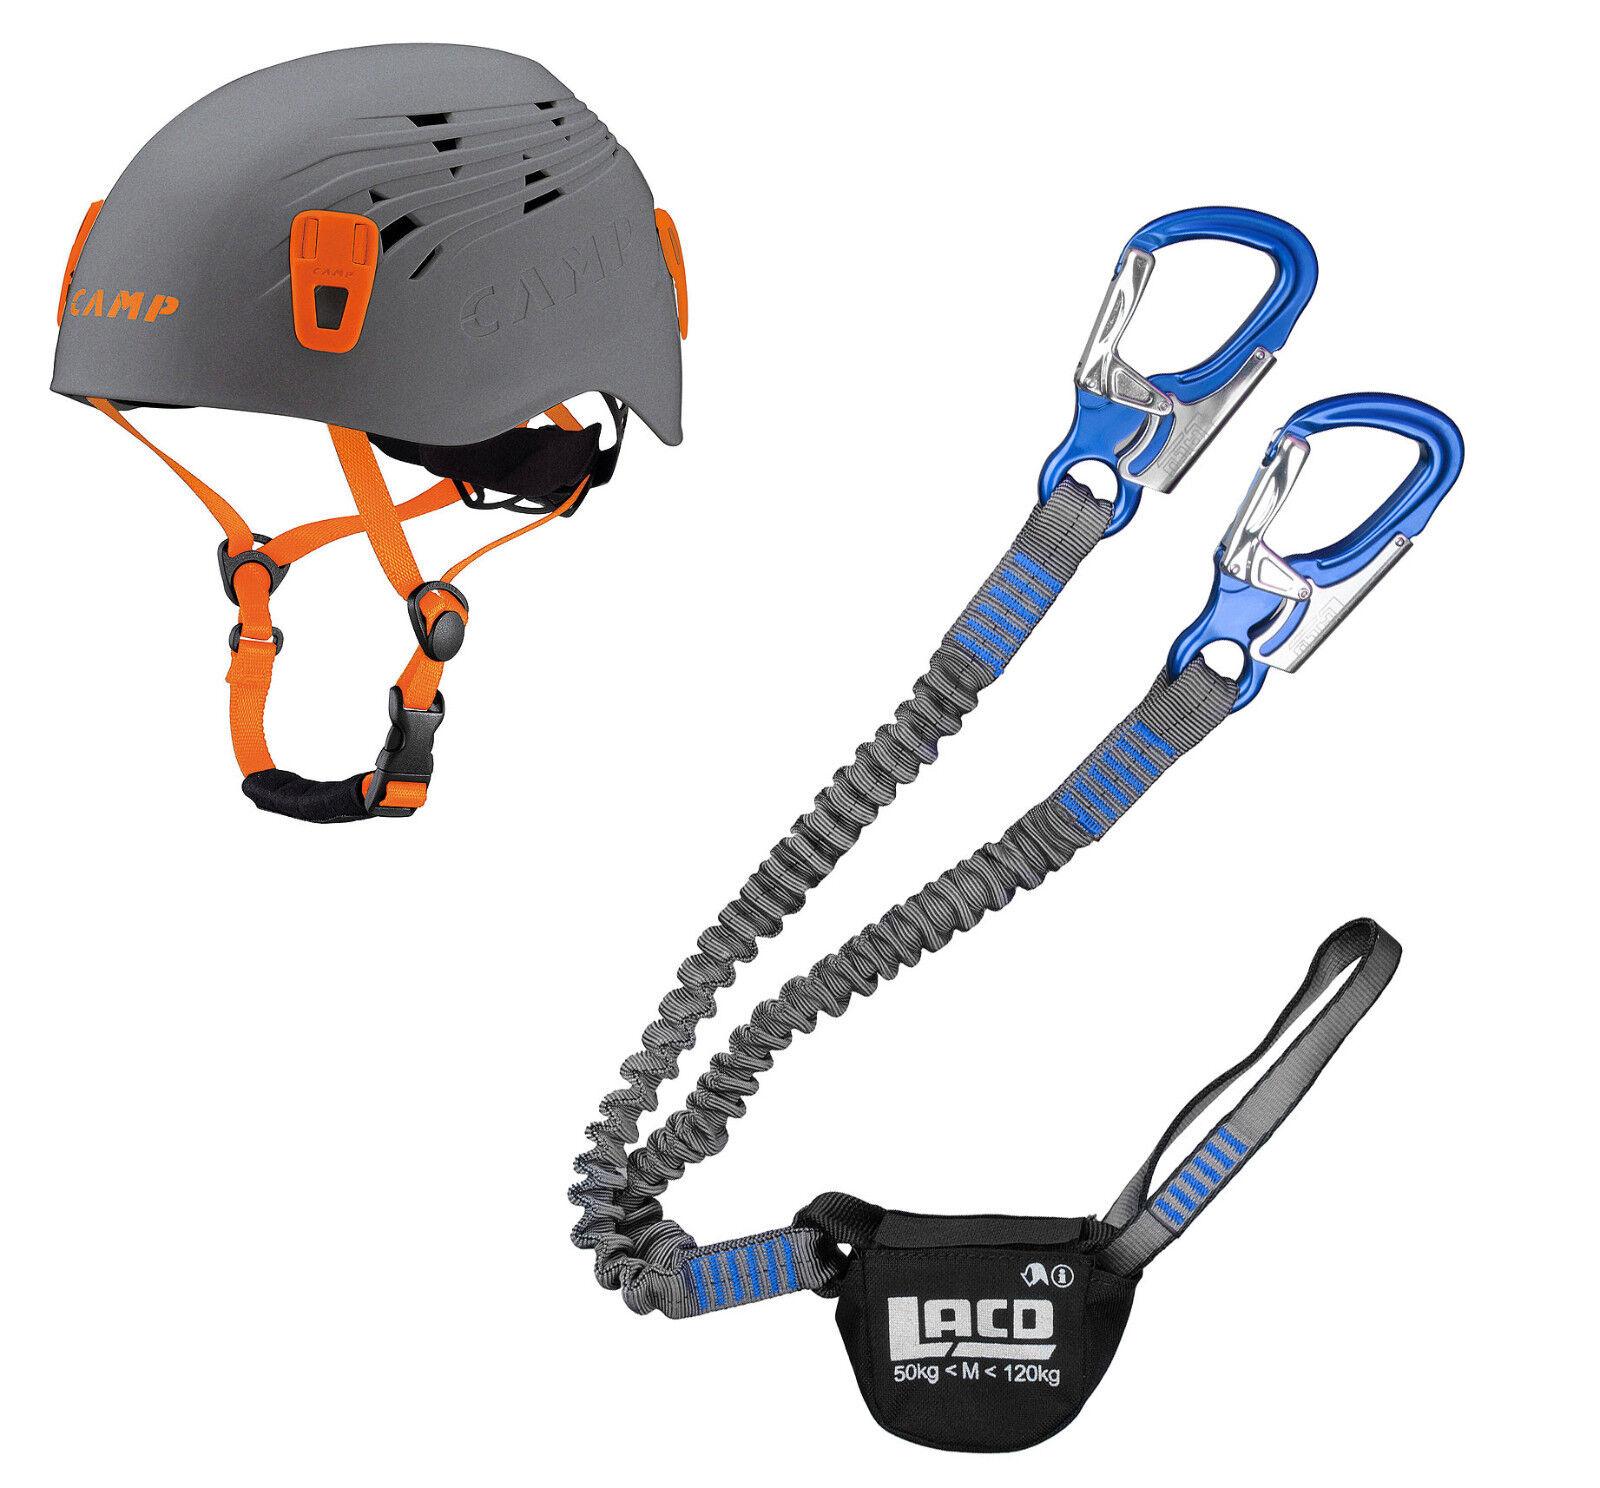 Klettersteigset LACd Pro Evo blue + Kletter-Helm Camp Titan grey